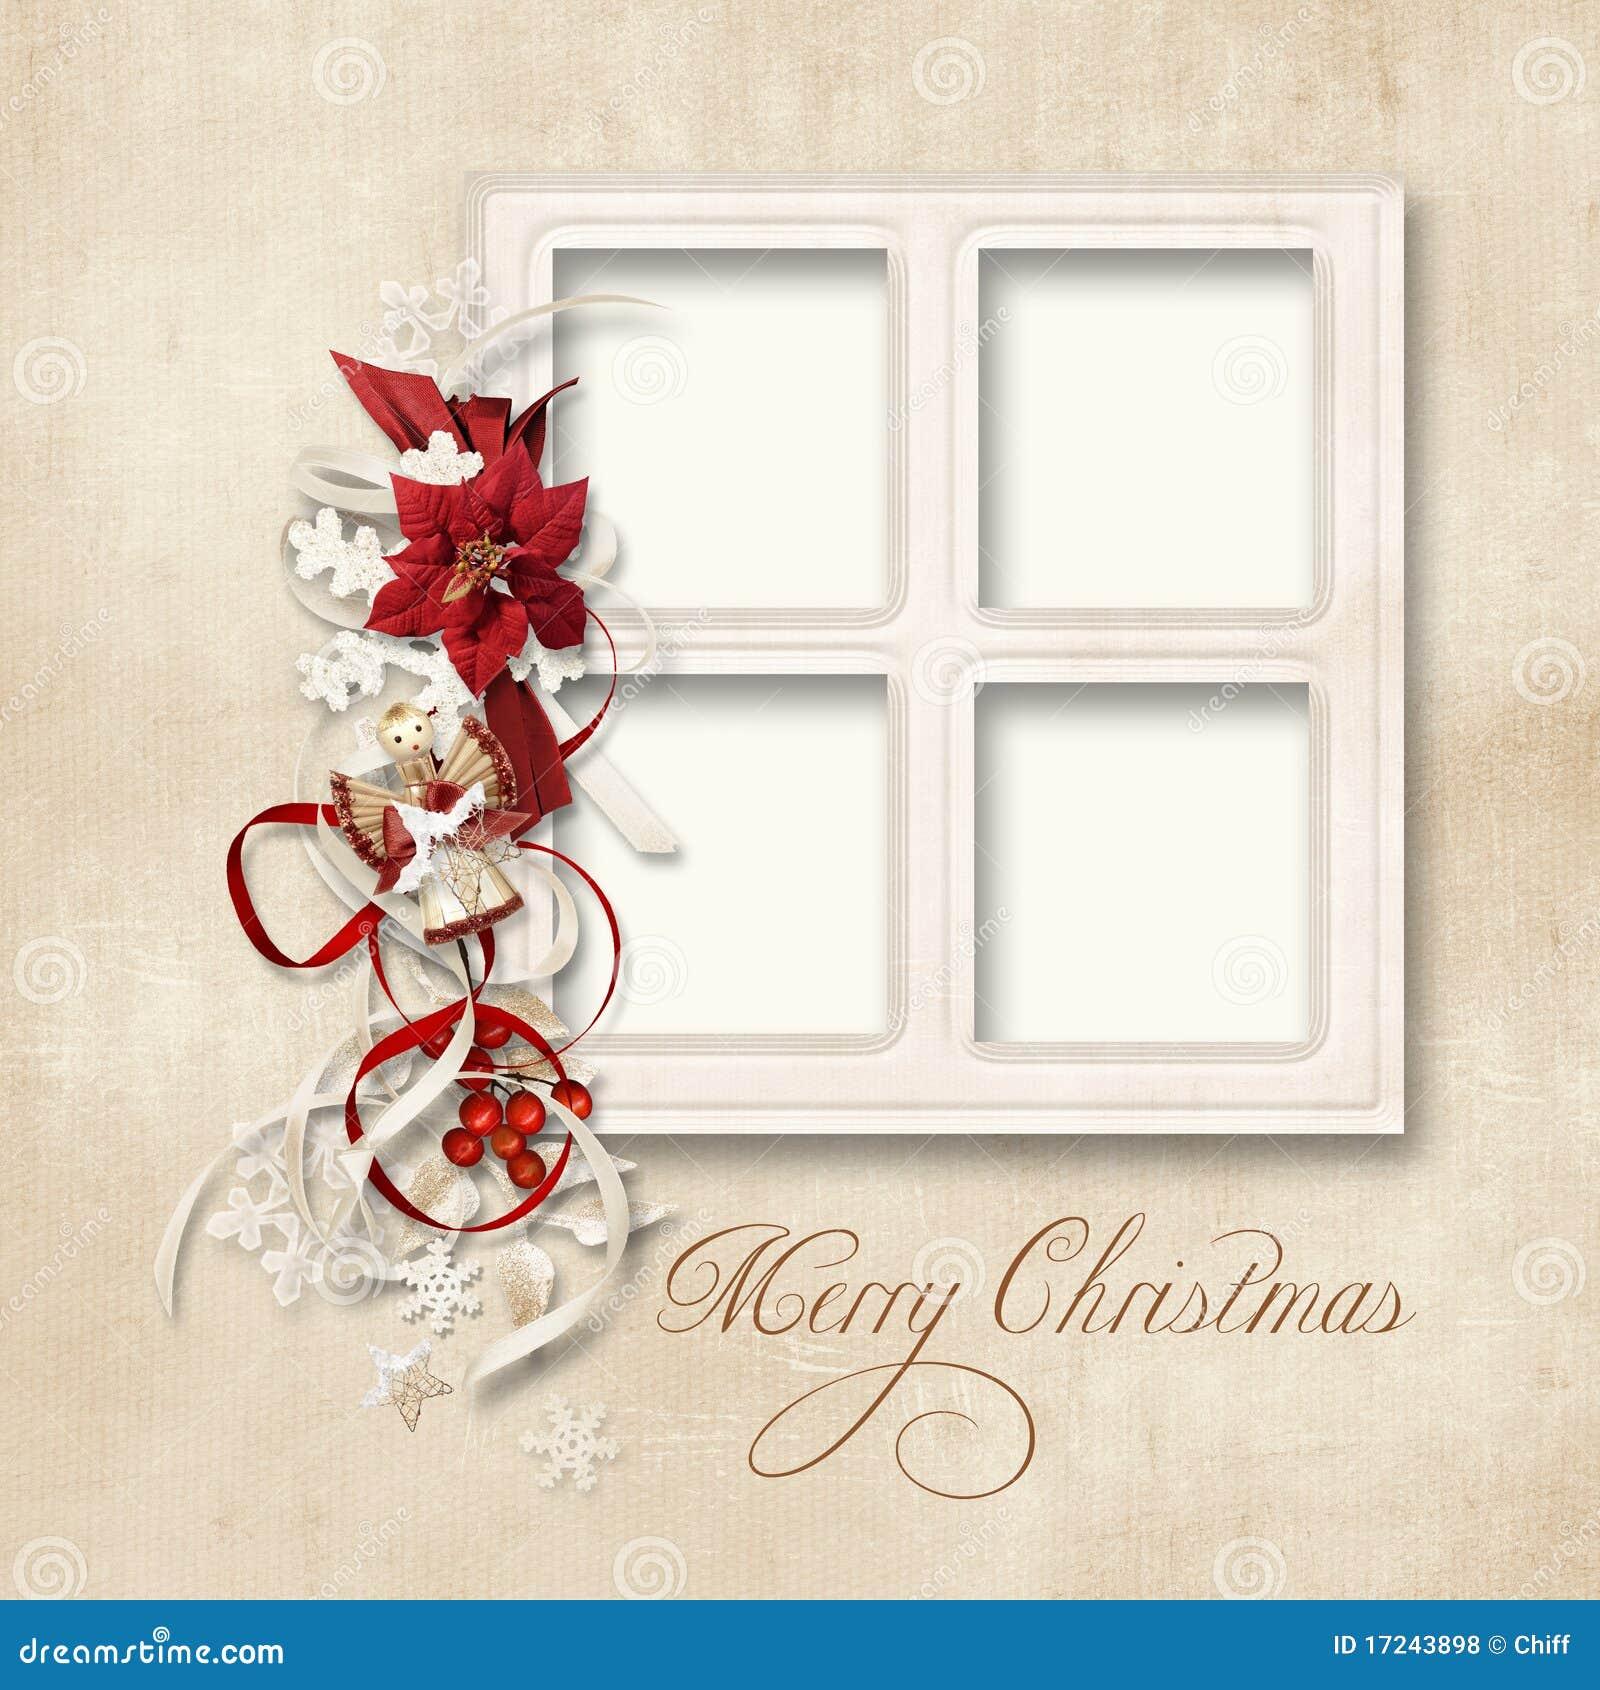 Auguri Di Natale Per La Famiglia.Cartolina D Auguri Di Natale Per Una Famiglia Illustrazione Di Stock